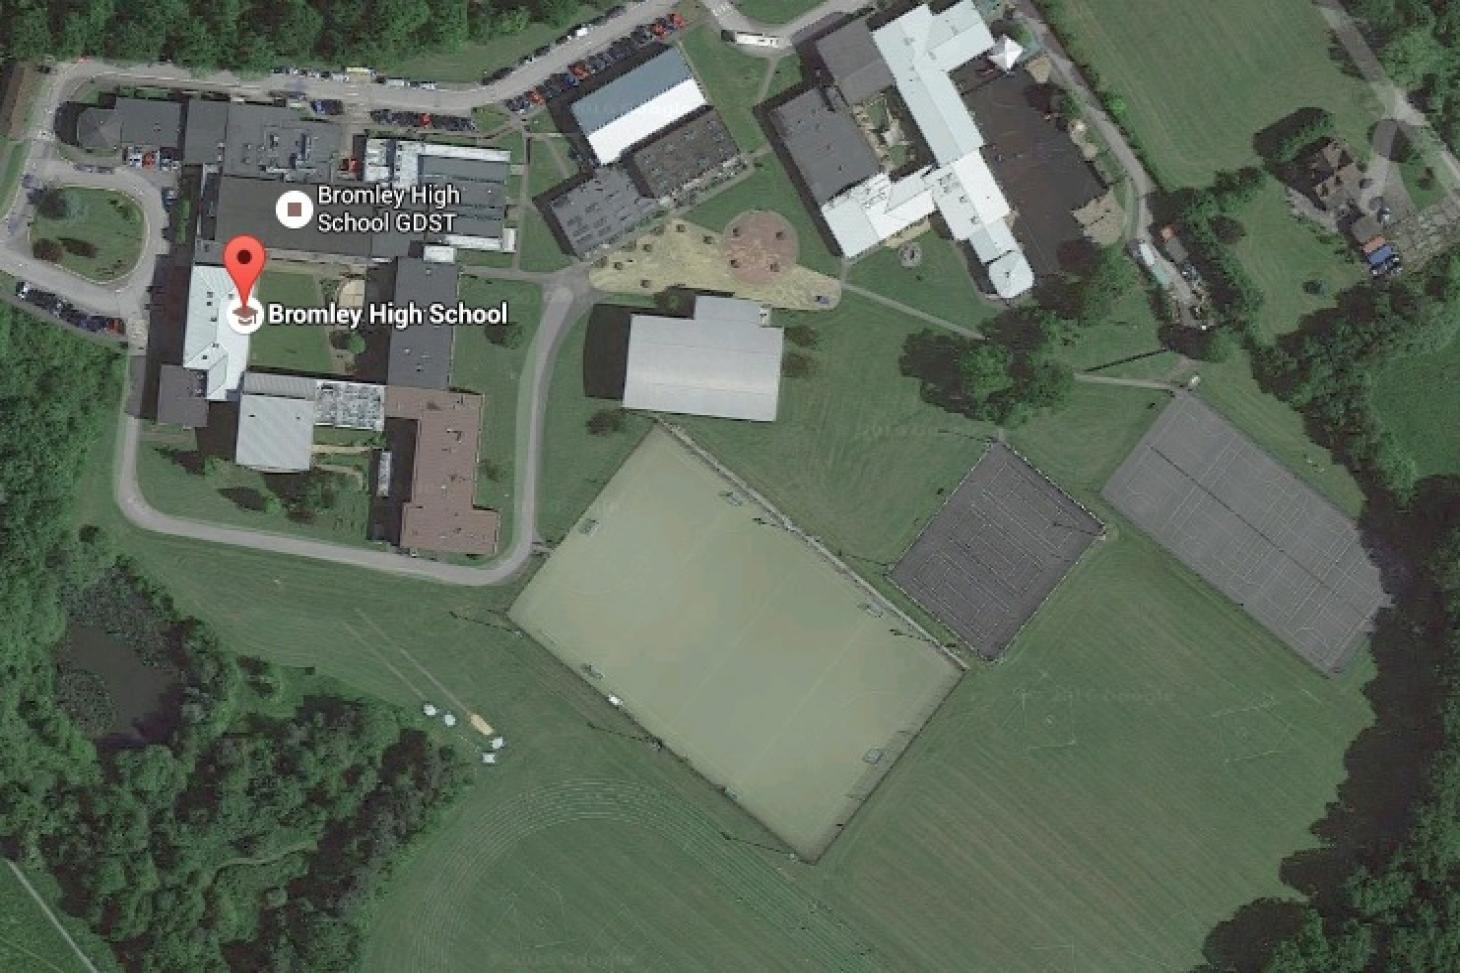 Bromley High School Indoor netball court